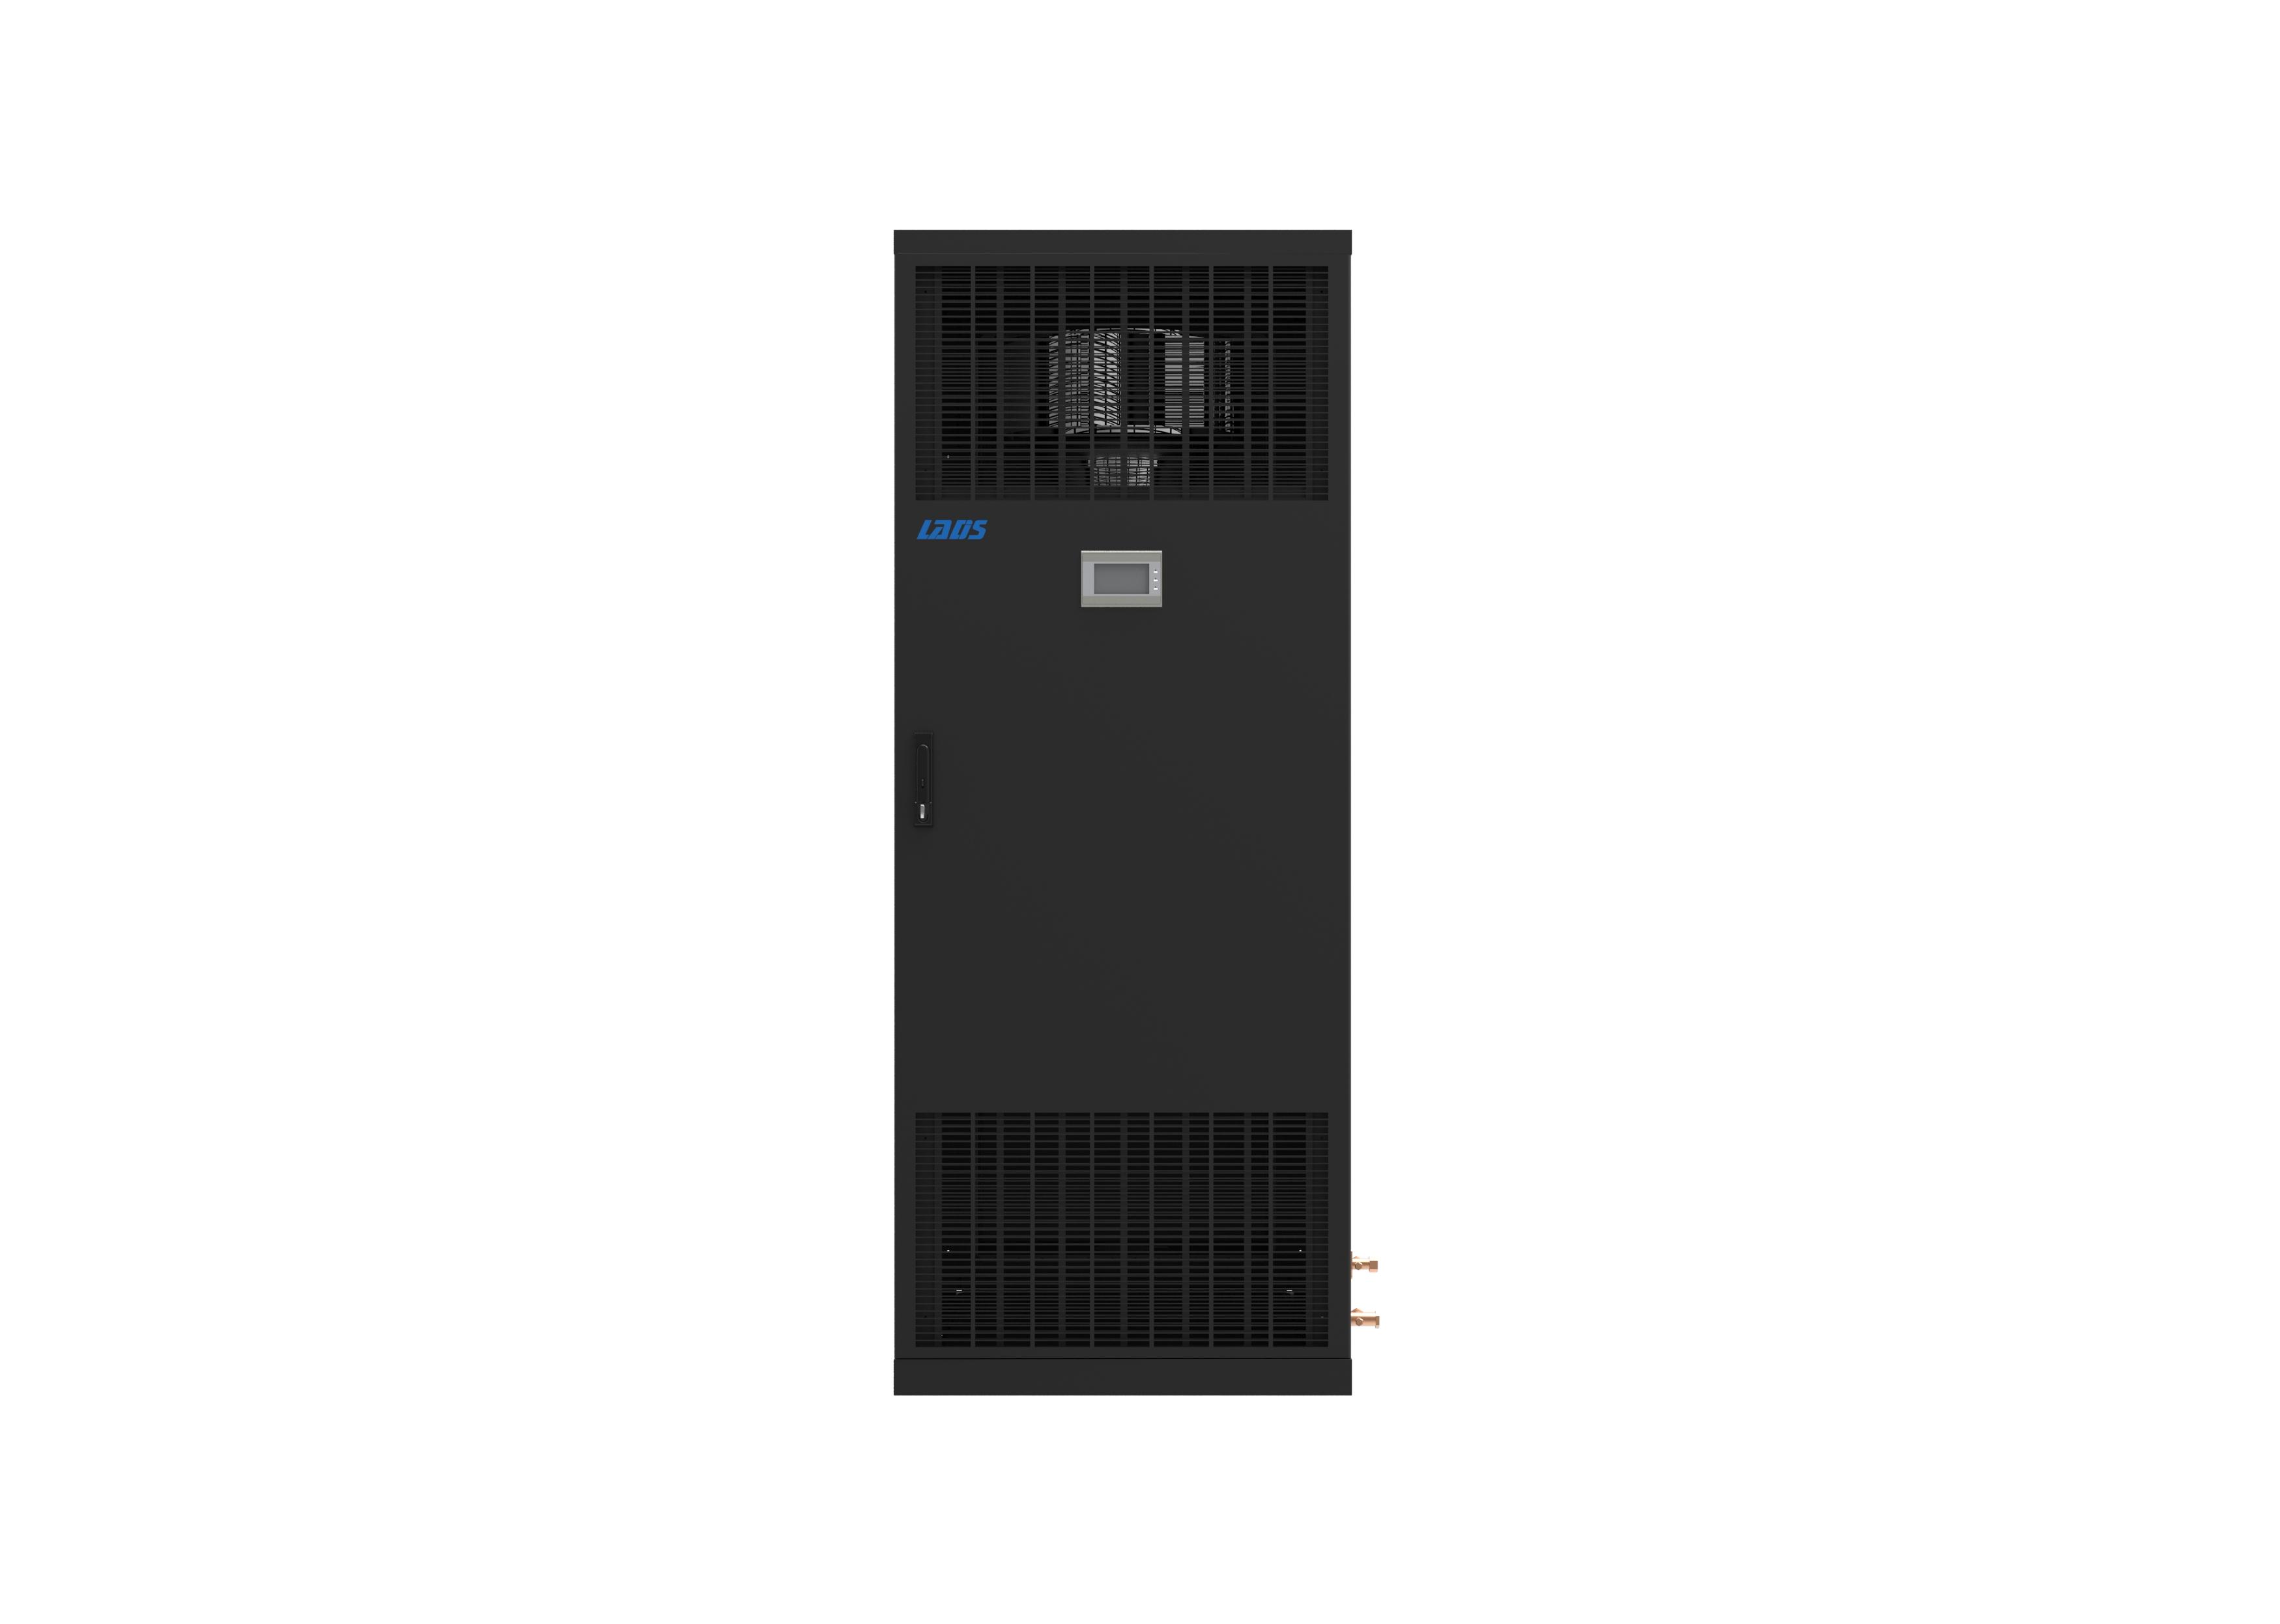 机房精密空调氟制冷和氨制冷的区别